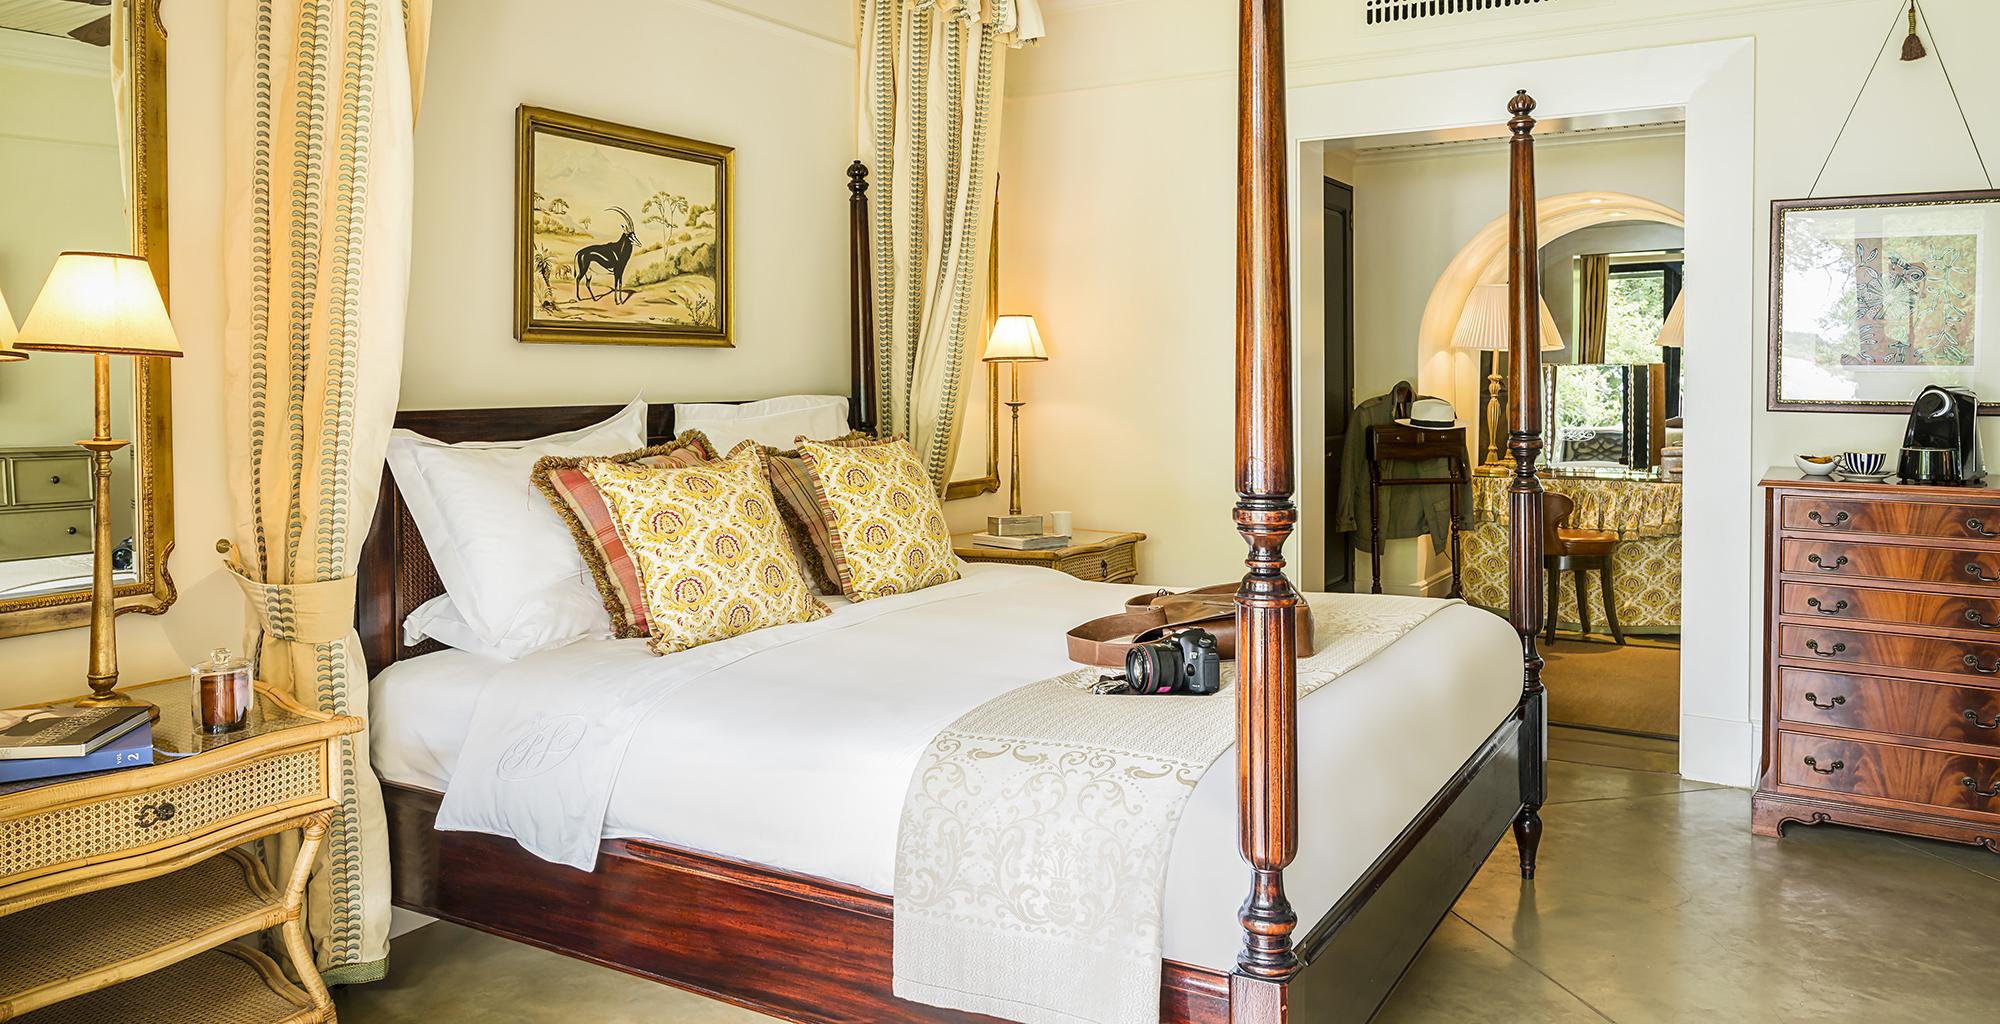 Zamnia-Royal-Livingstone-Bedroom